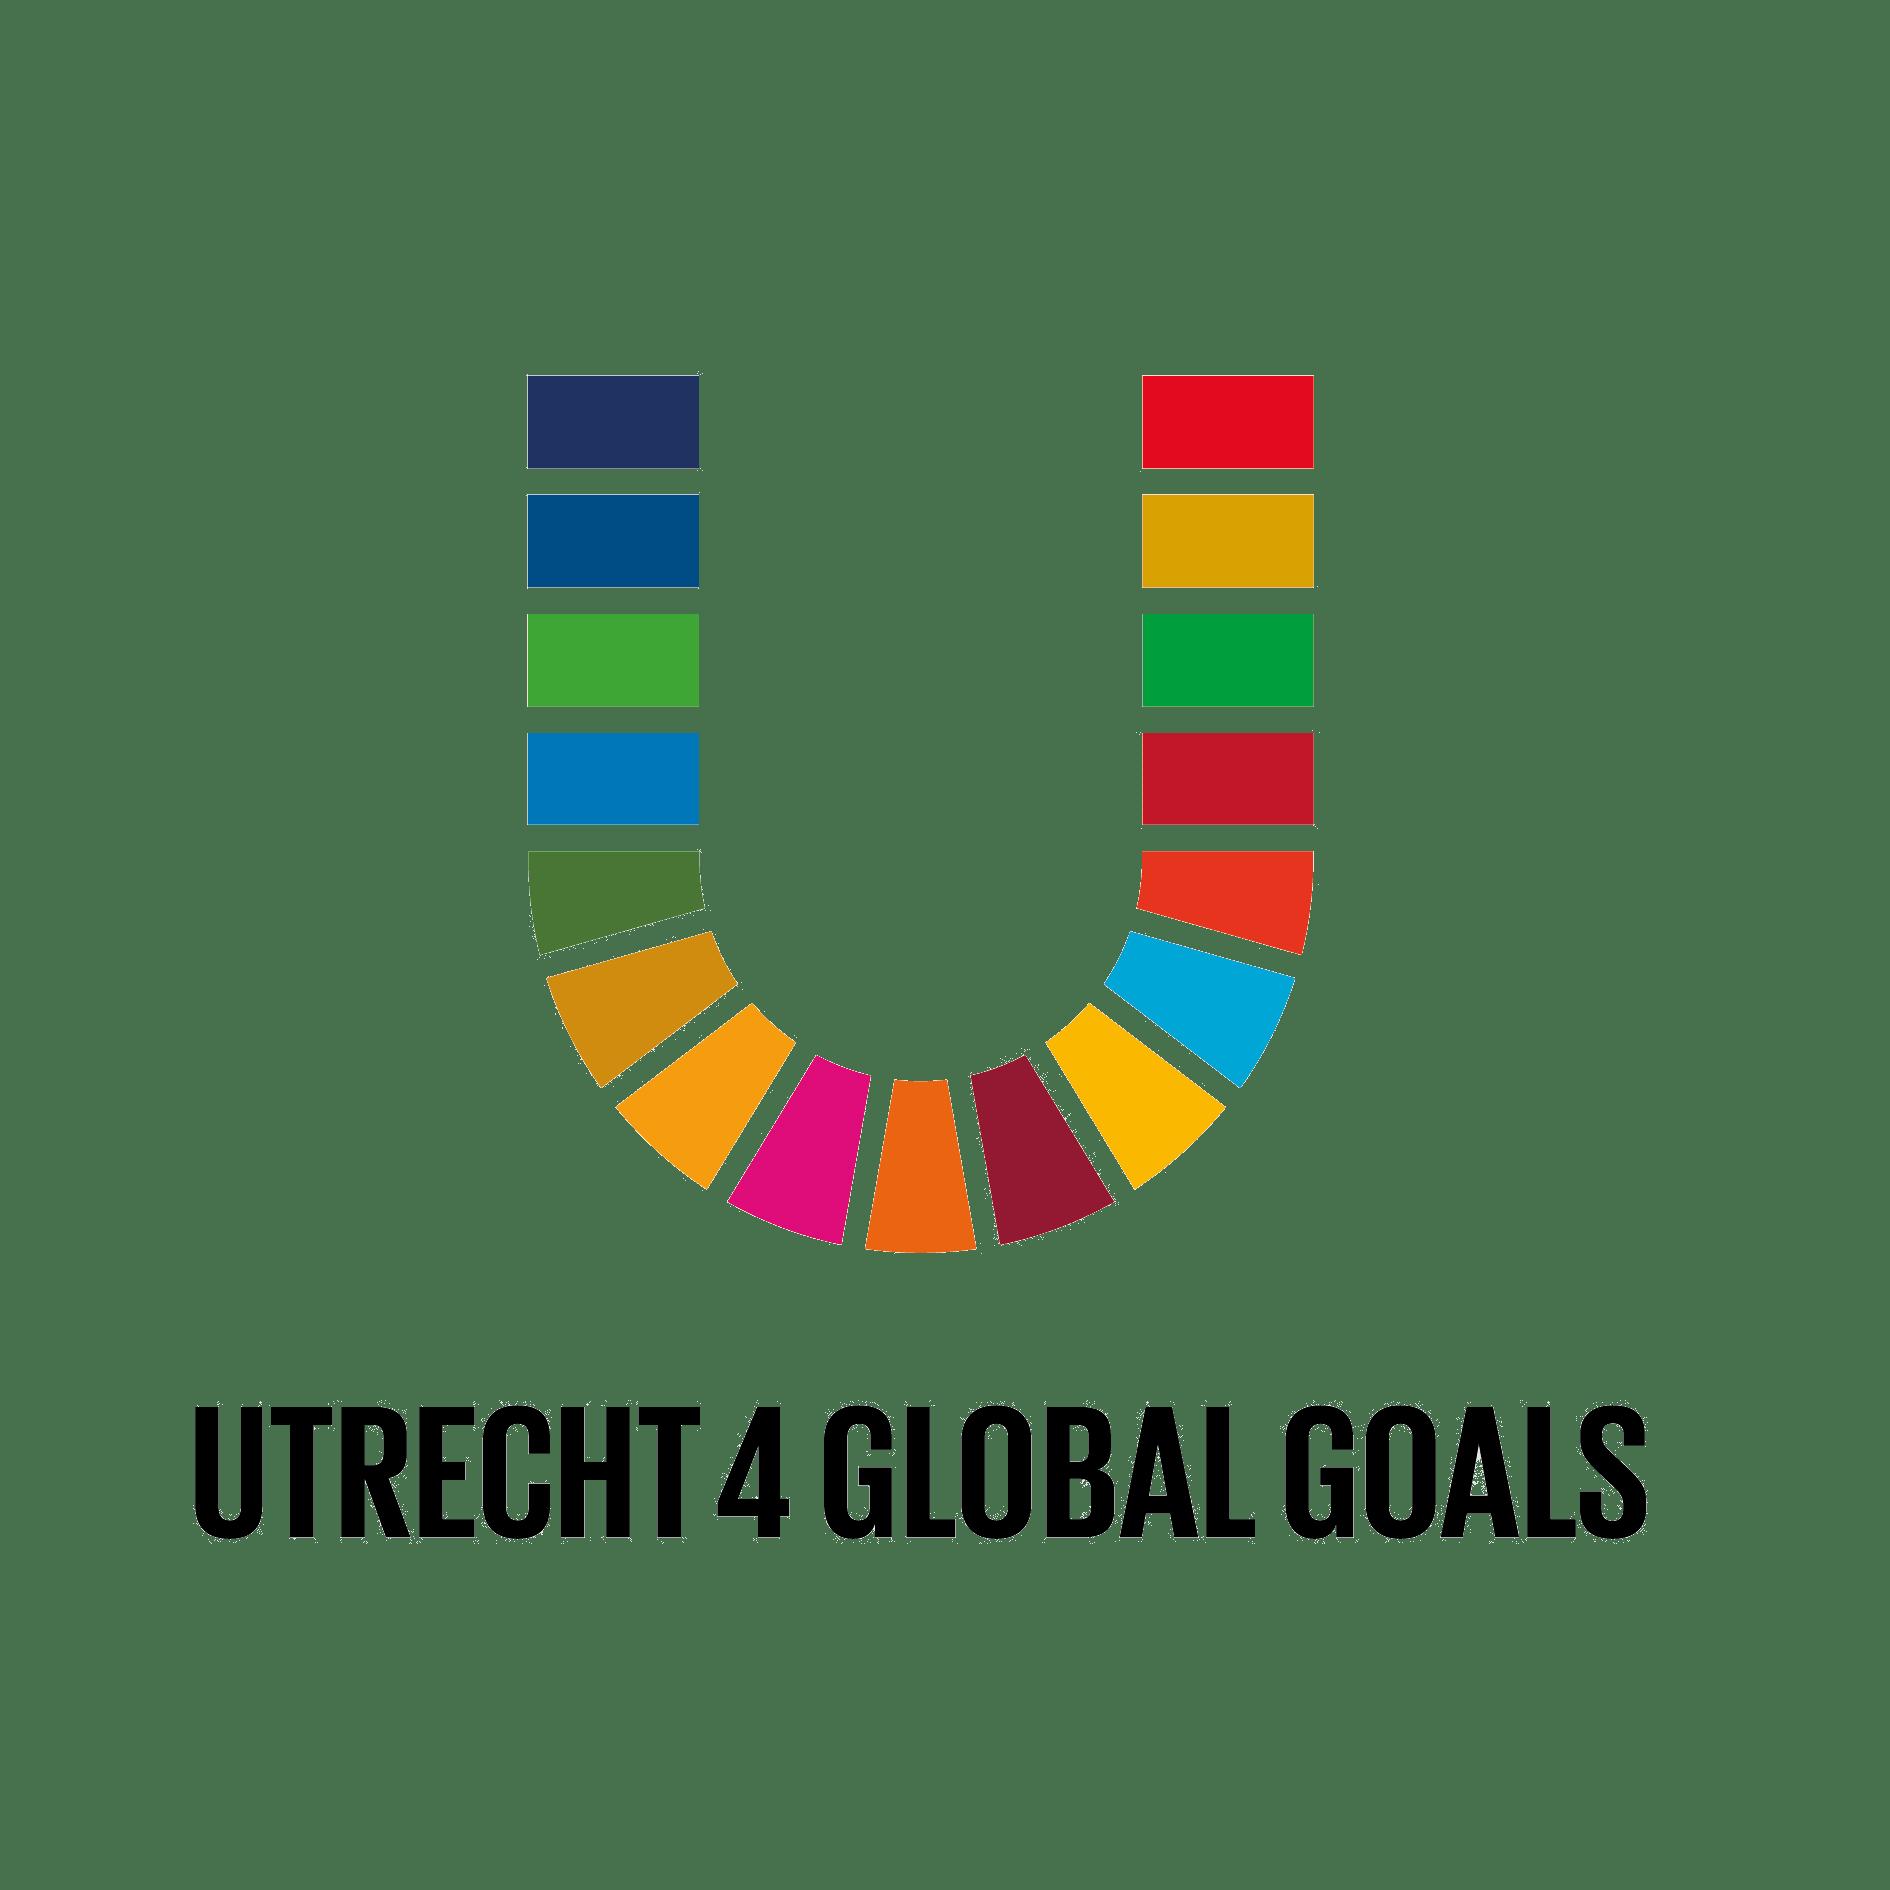 Utrecht4GlobalGoals